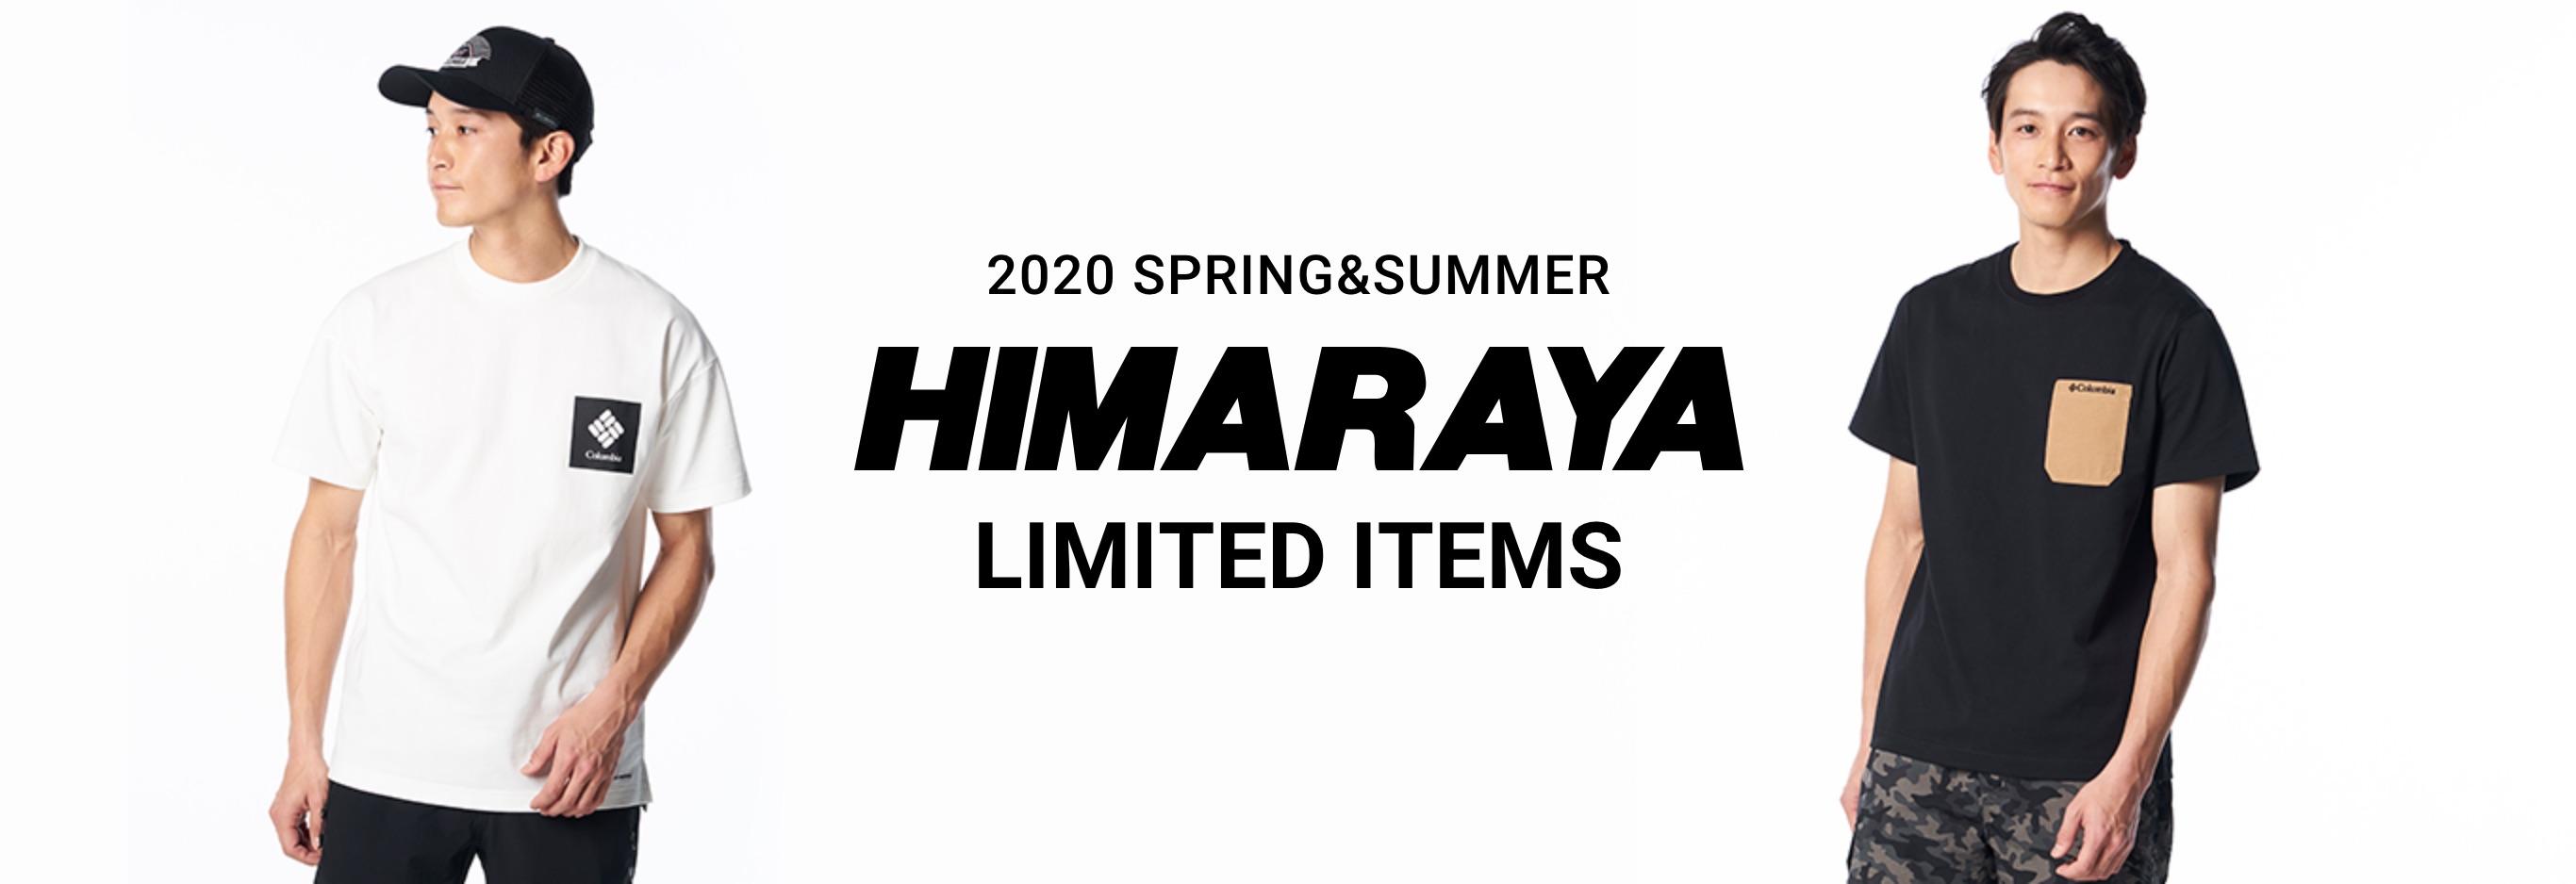 ヒマラヤ限定商品